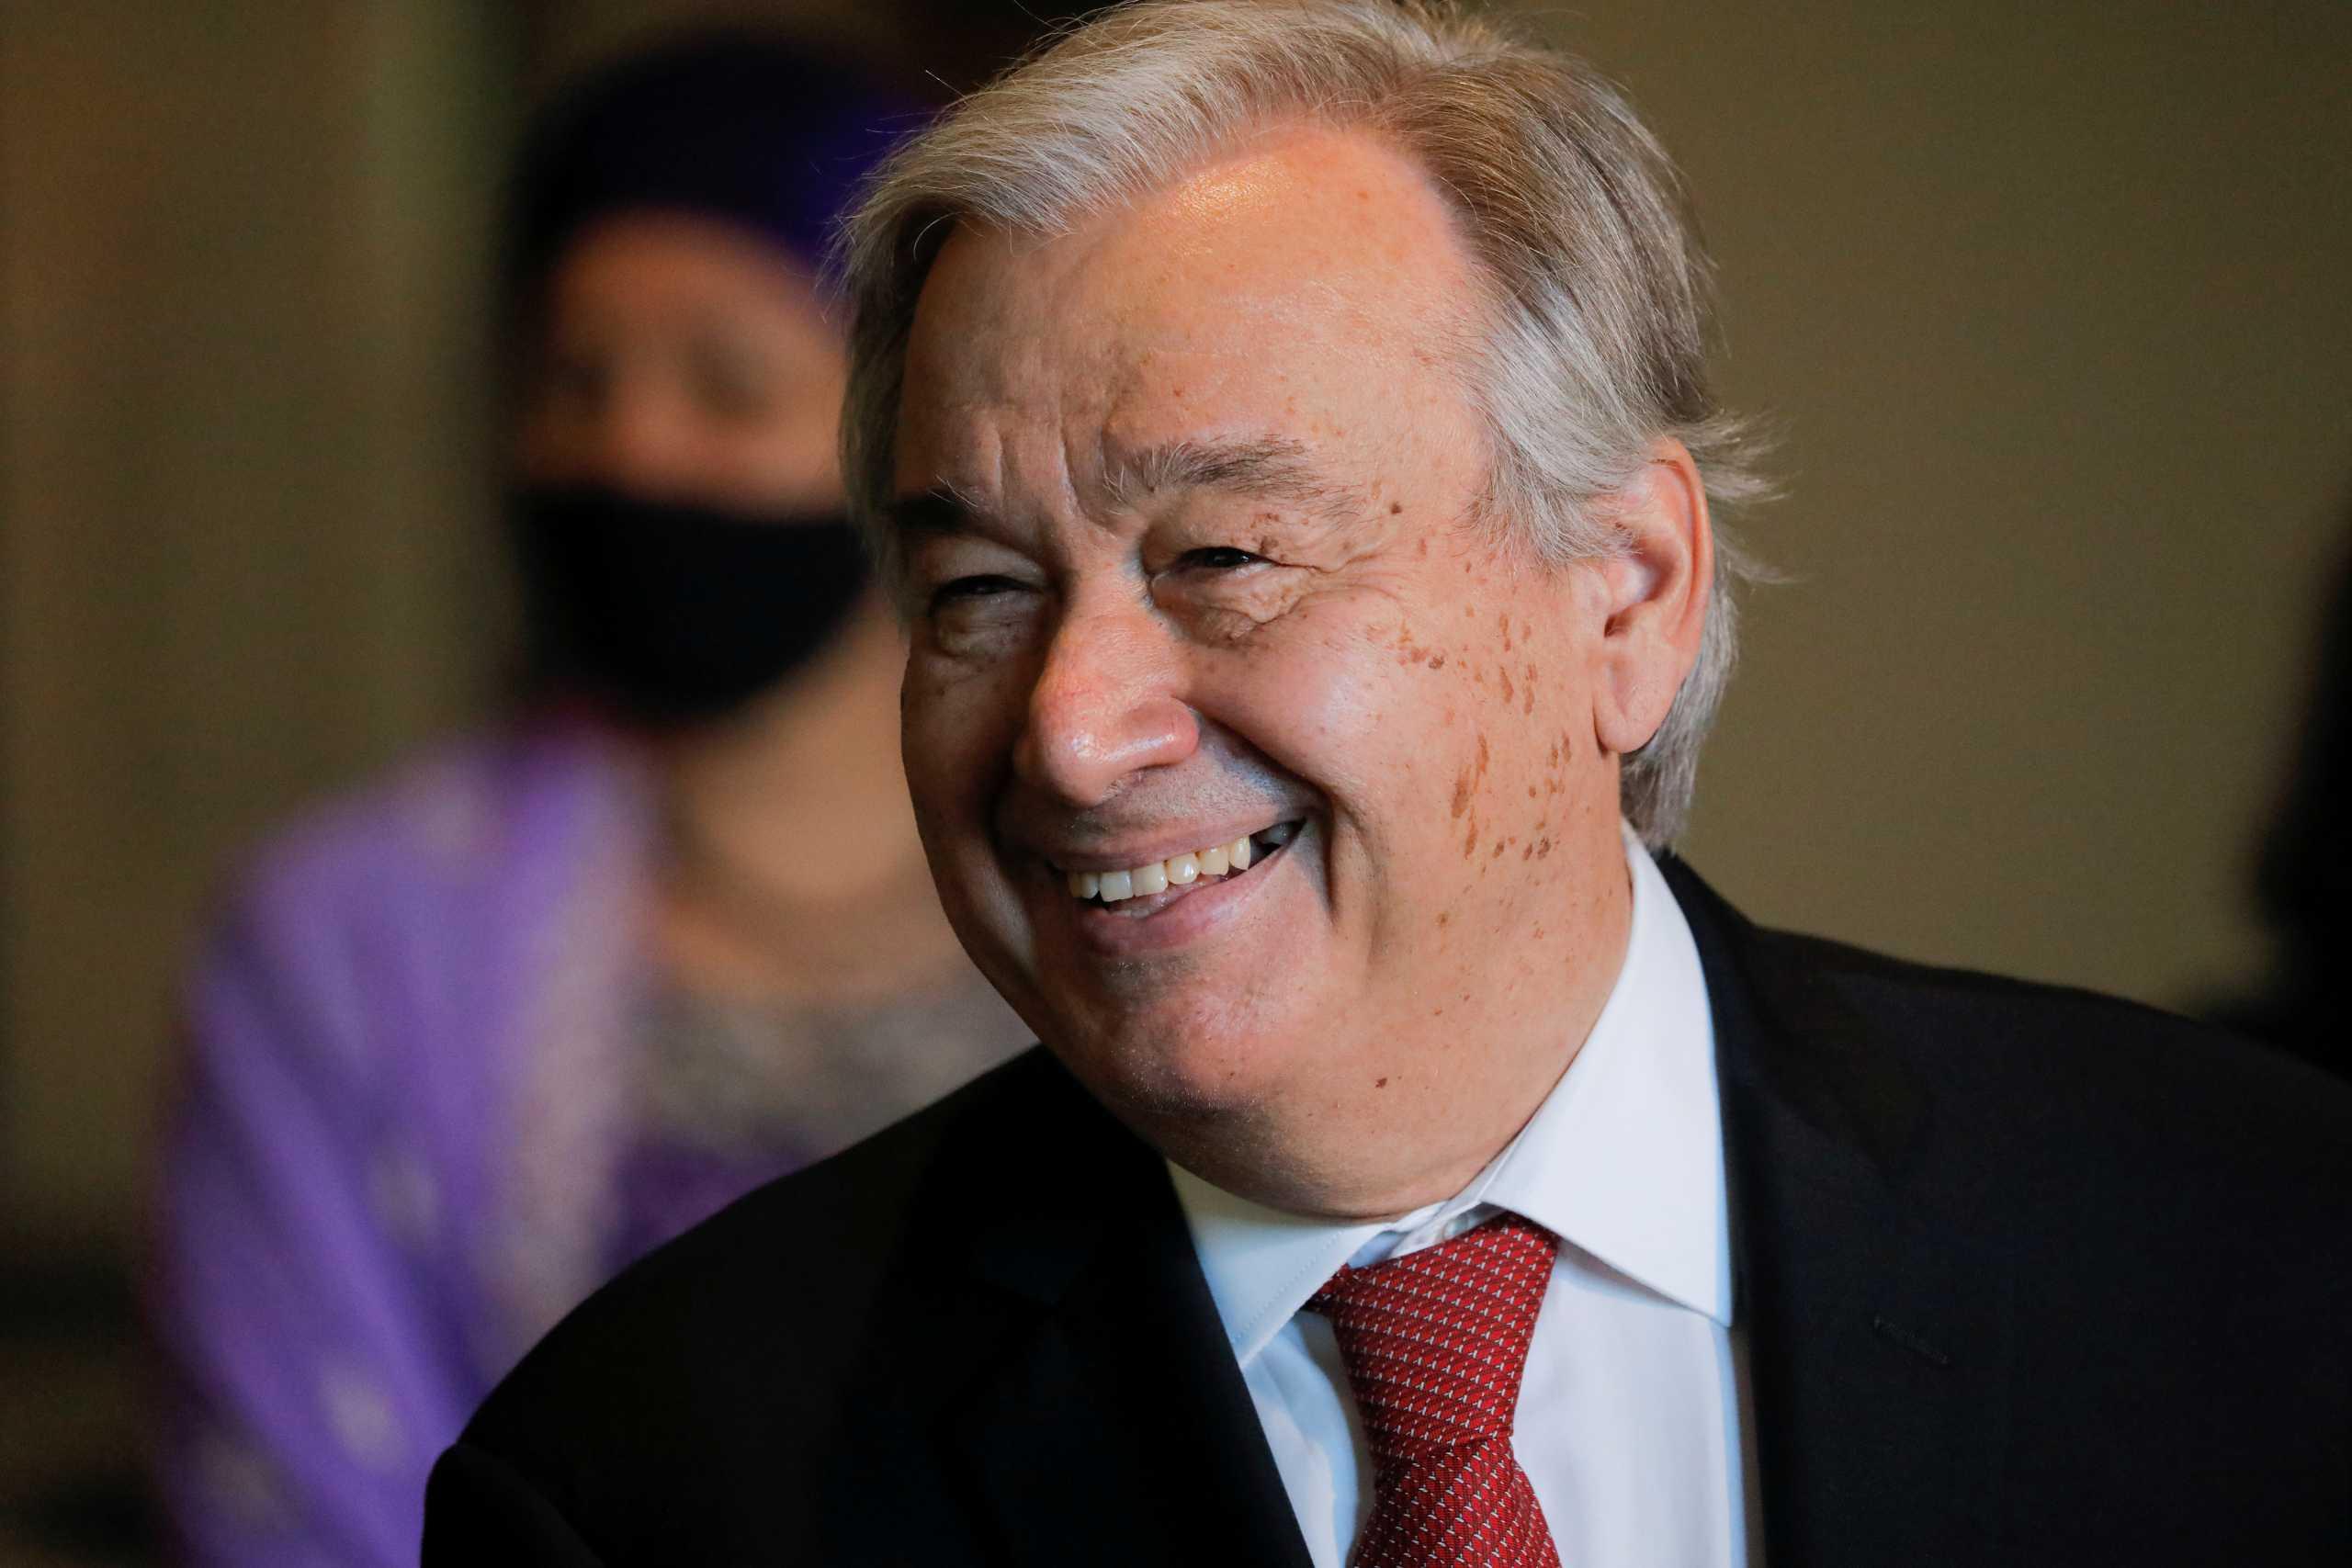 Δεύτερη θητεία στον ΟΗΕ για τον Αντόνιο Γκουτέρες